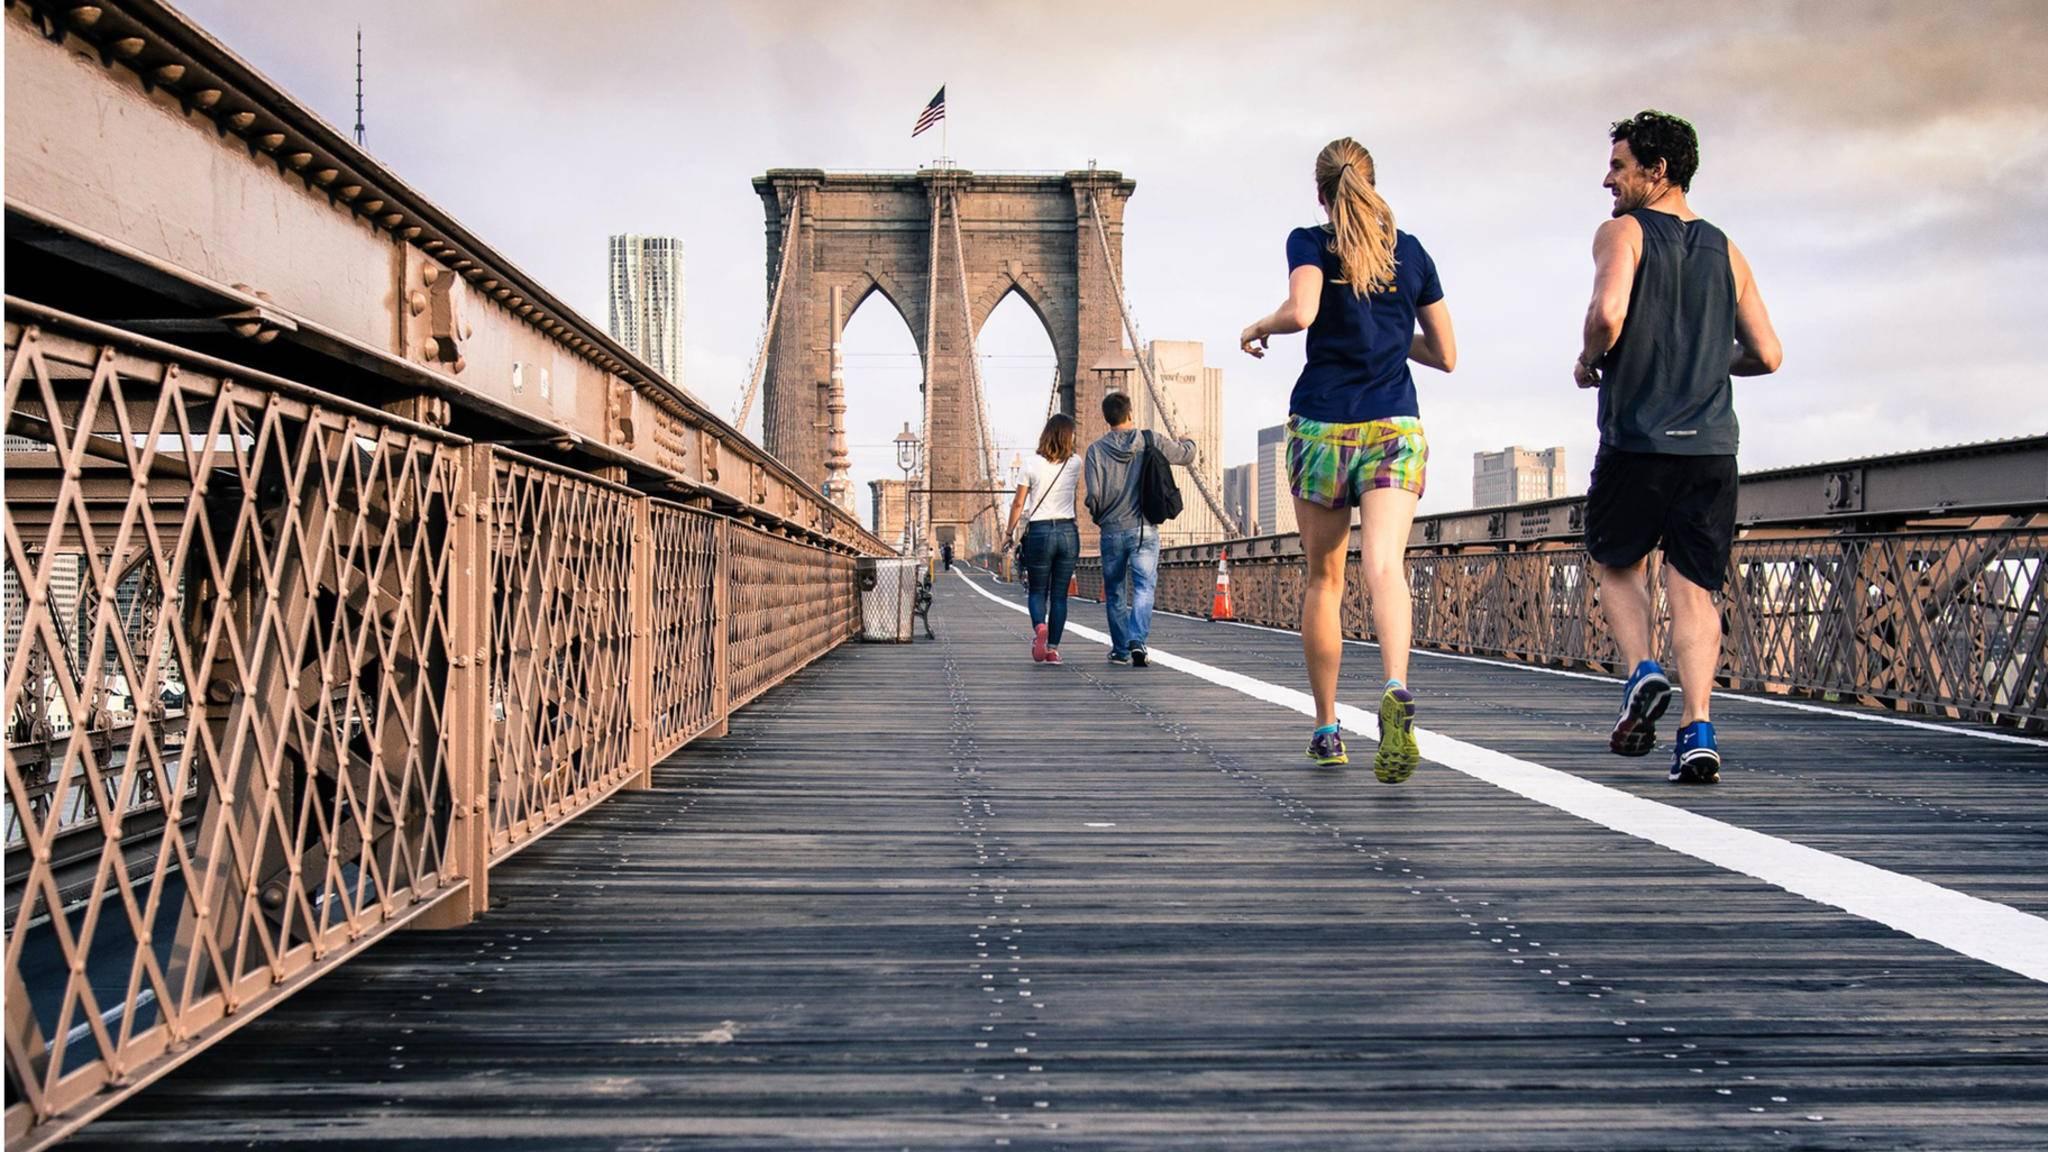 Rein in die Schuhe und los – mit unseren Motivationstipps fürs Joggen!